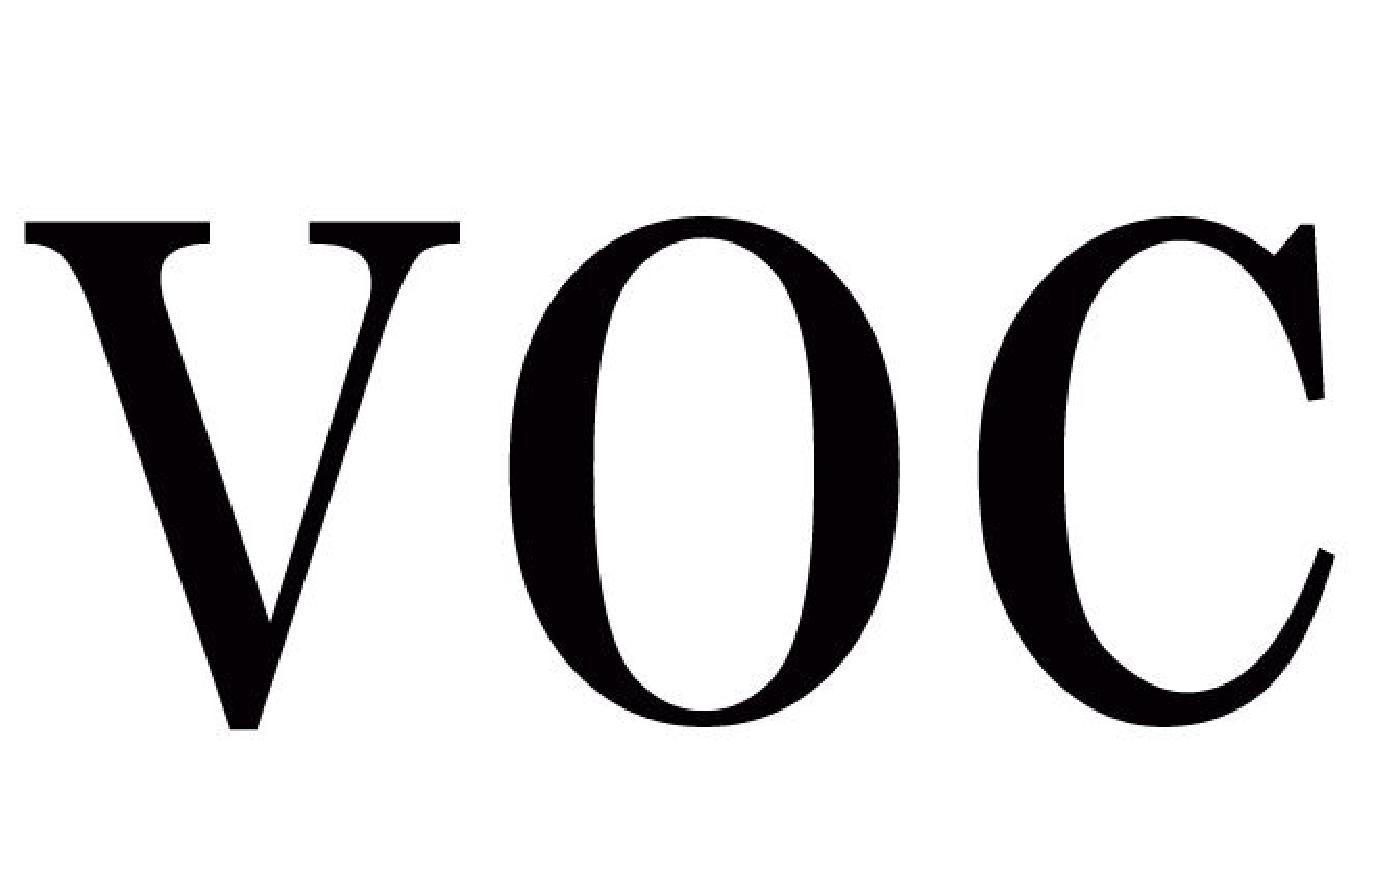 ブイオーシー(Voc)